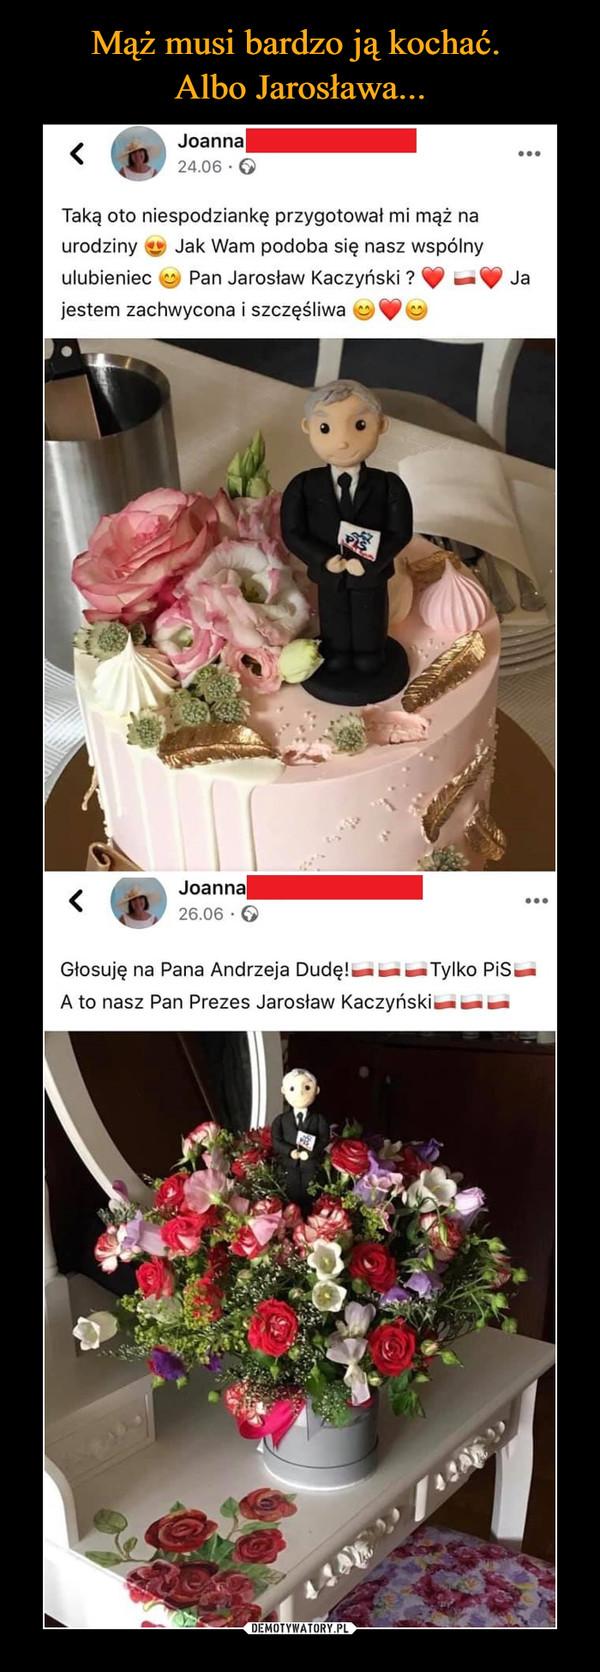 –  Taką oto niespodziankę przygotował mi mąż na urodziny lit Jak Wam podoba się nasz wspólny ulubieniec U Pan Jarosław Kaczyński ? mee W Ja jestem zachwycona i szczęśliwa Głosuję na Pana Andrzeja Dudę!  Tylko PiS~ A to nasz Pan Prezes Jarosław Kaczyński wie